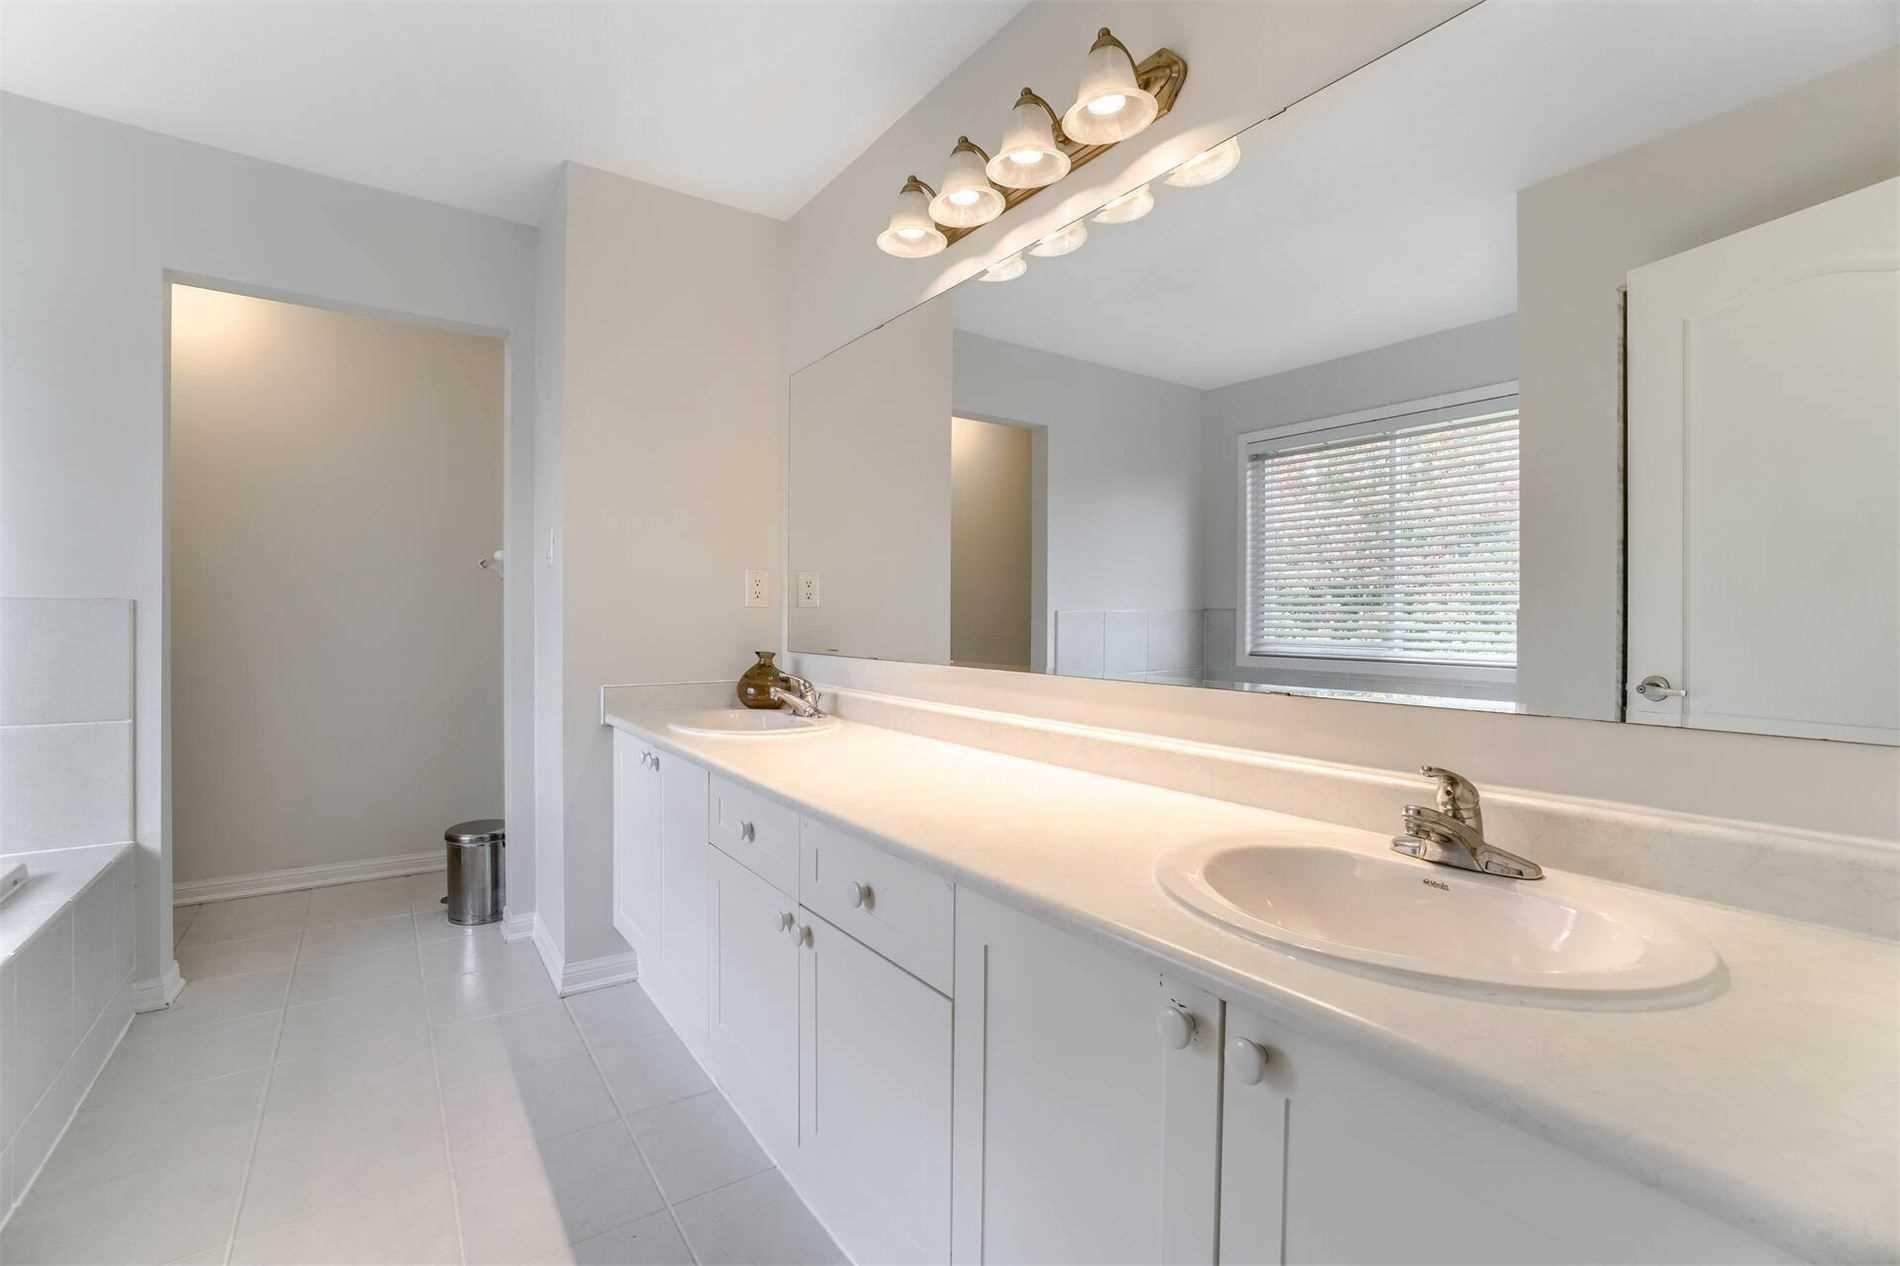 909 Hepburn Rd - Coates Detached for sale, 4 Bedrooms (W5398610) - #22